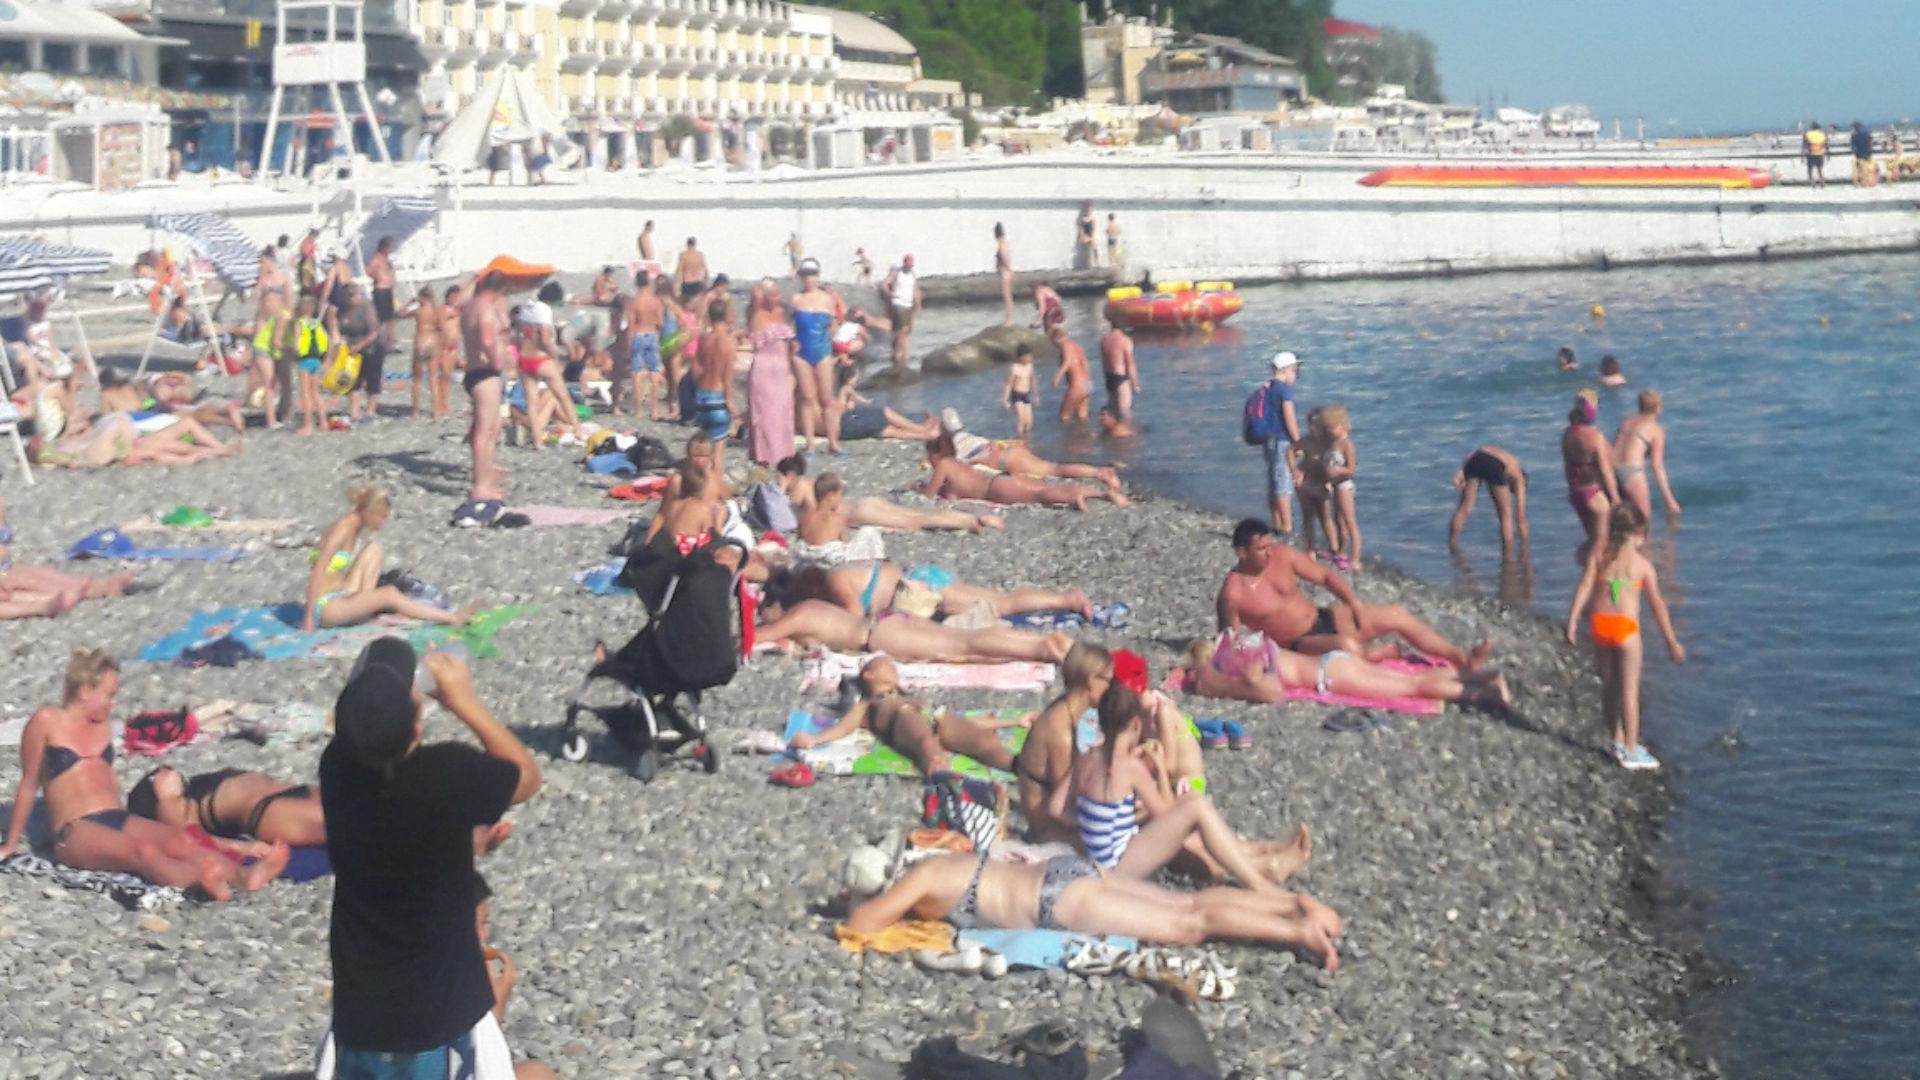 free nude amature teenies